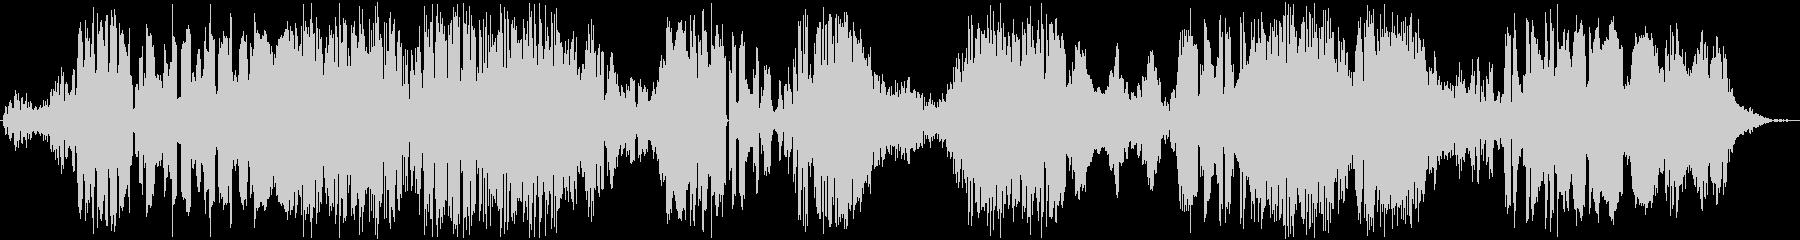 イメージ R2D2 アップインスペ...の未再生の波形